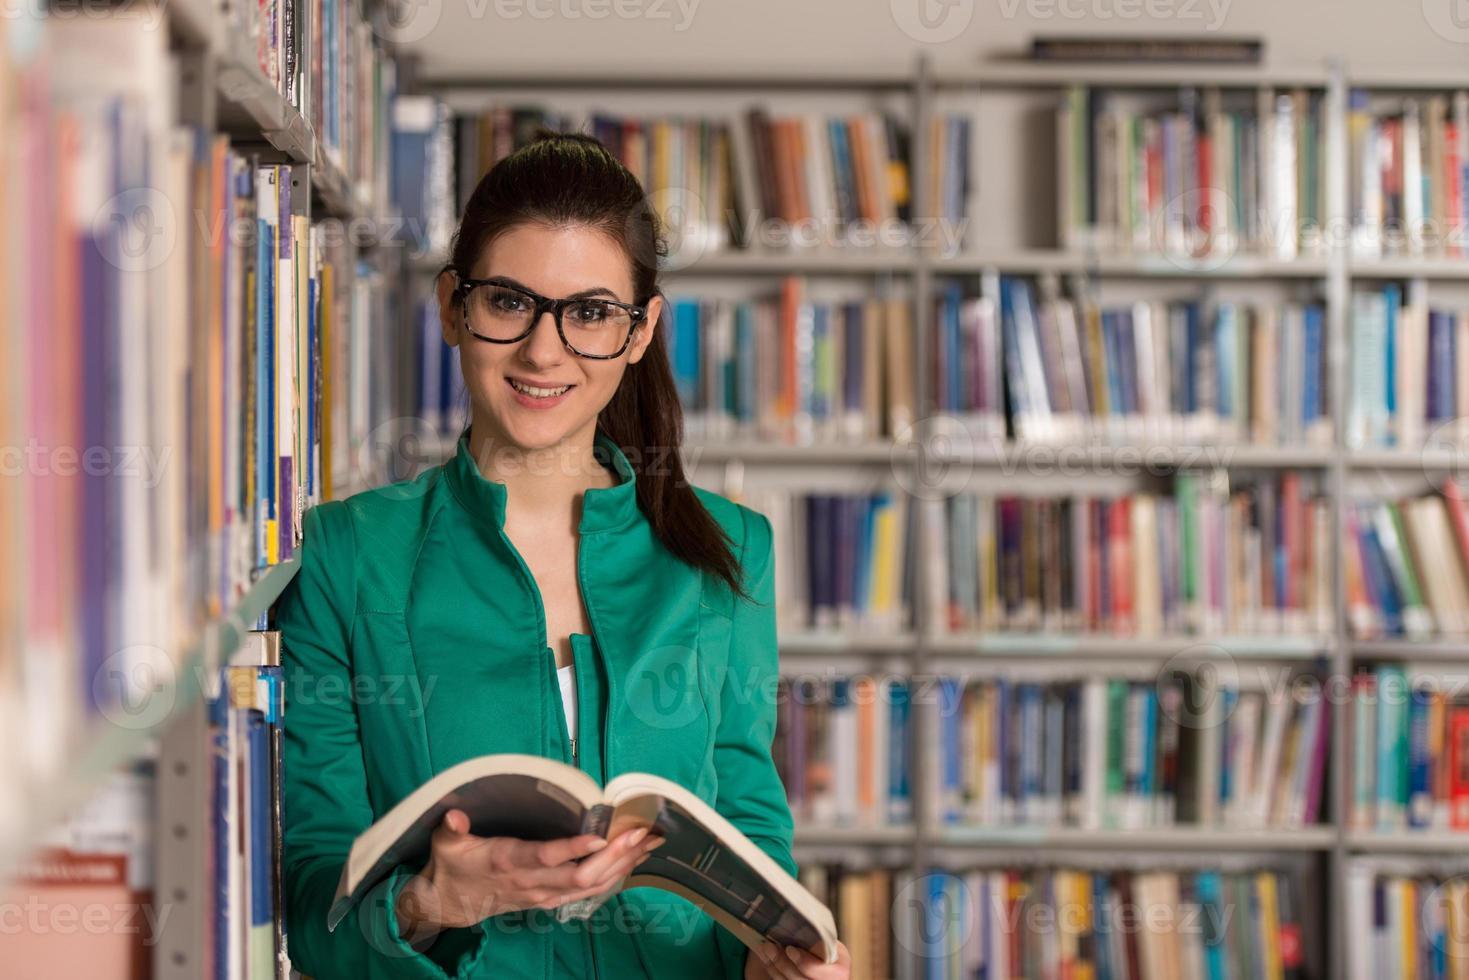 studentessa felice con il libro in biblioteca foto